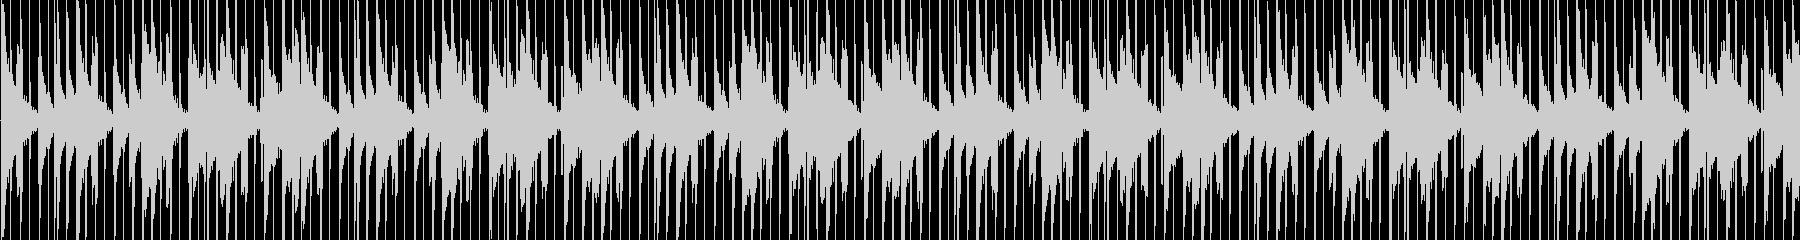 【チルアウトBGM】lofi/まったりの未再生の波形